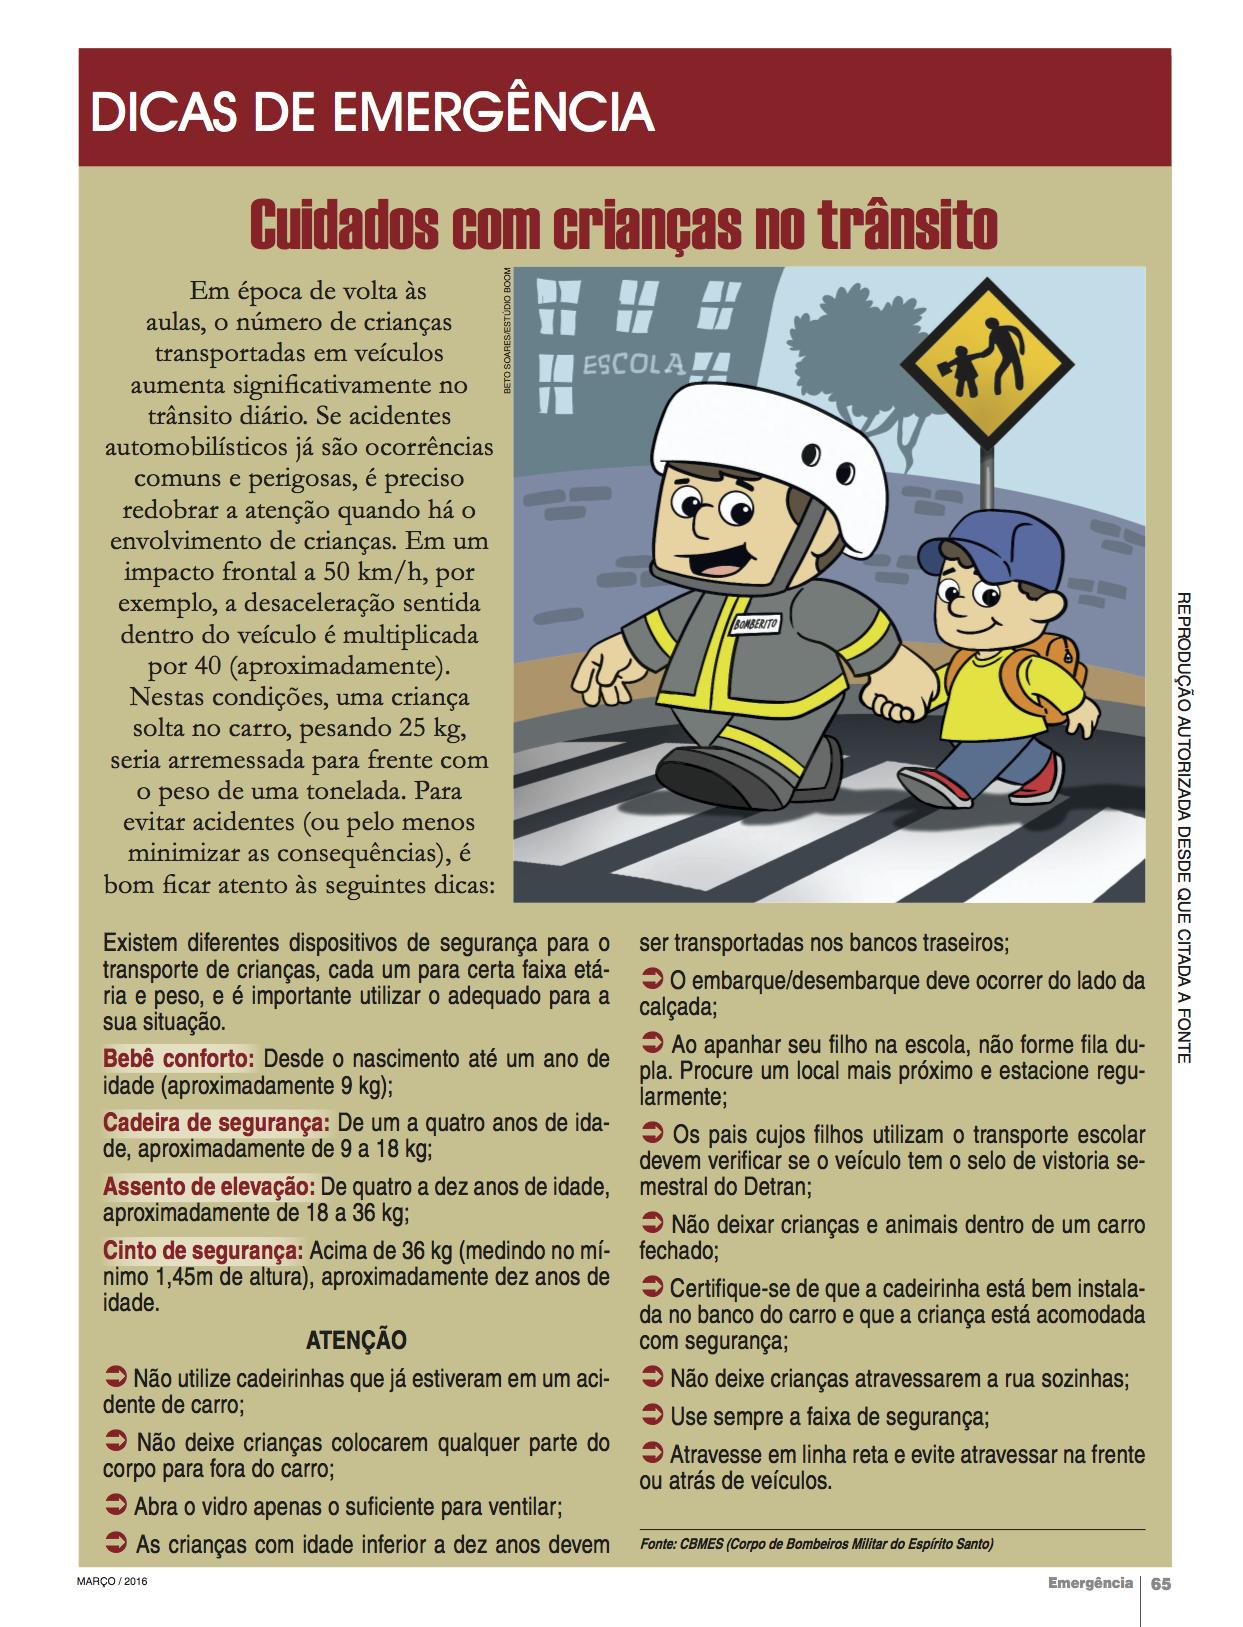 Cuidados com crianças no trânsito